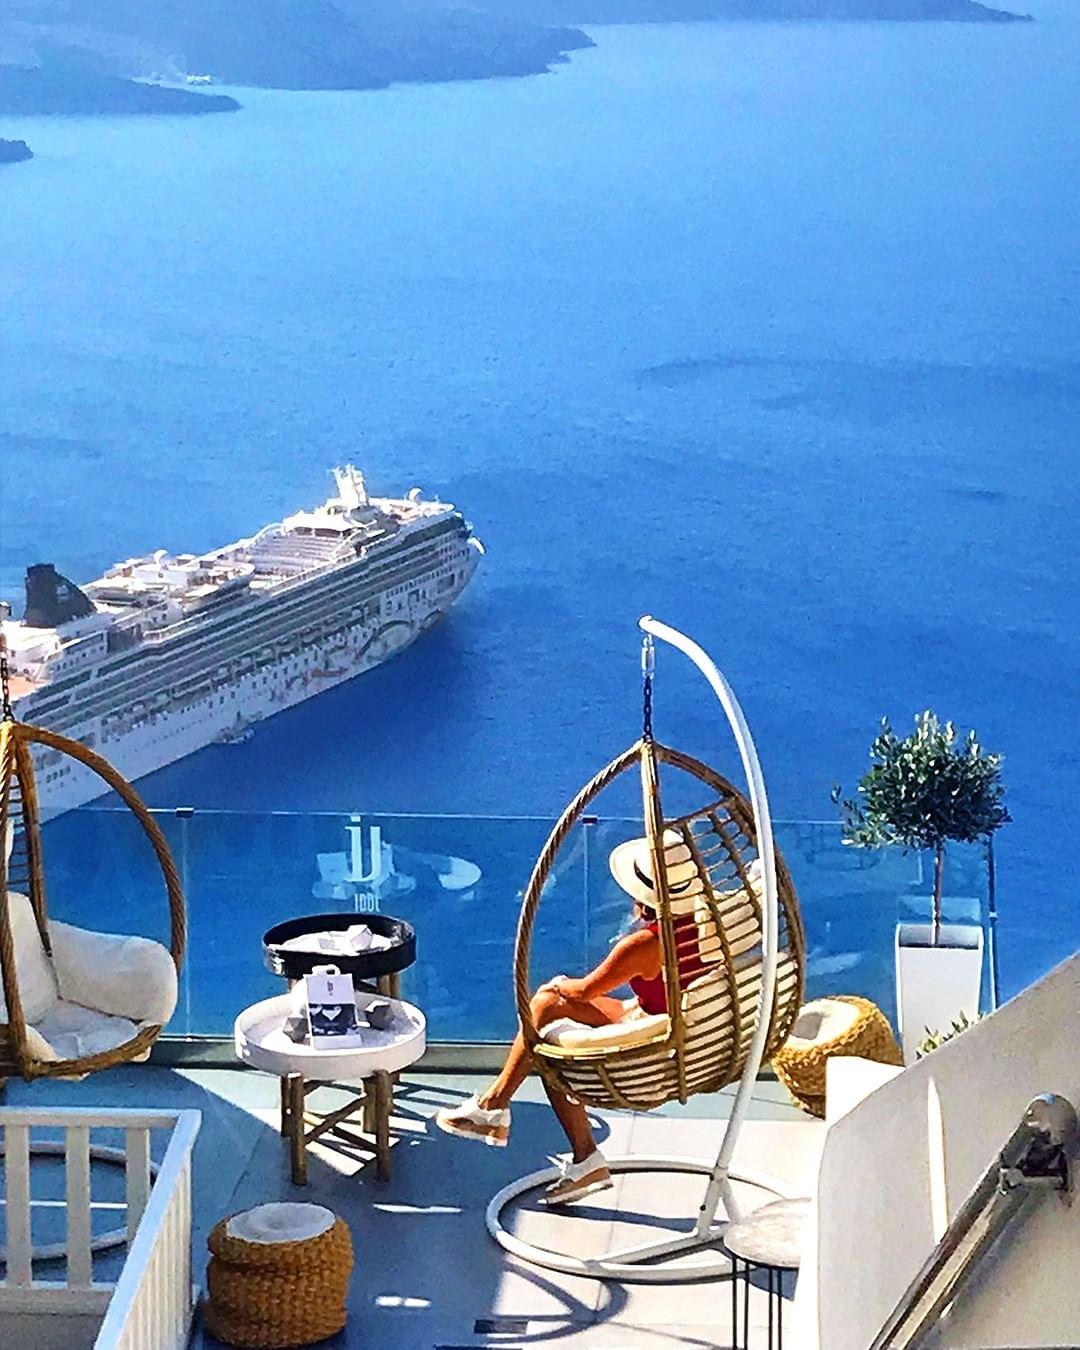 los mejores cruceros desde españa:norwegian cruise line 26